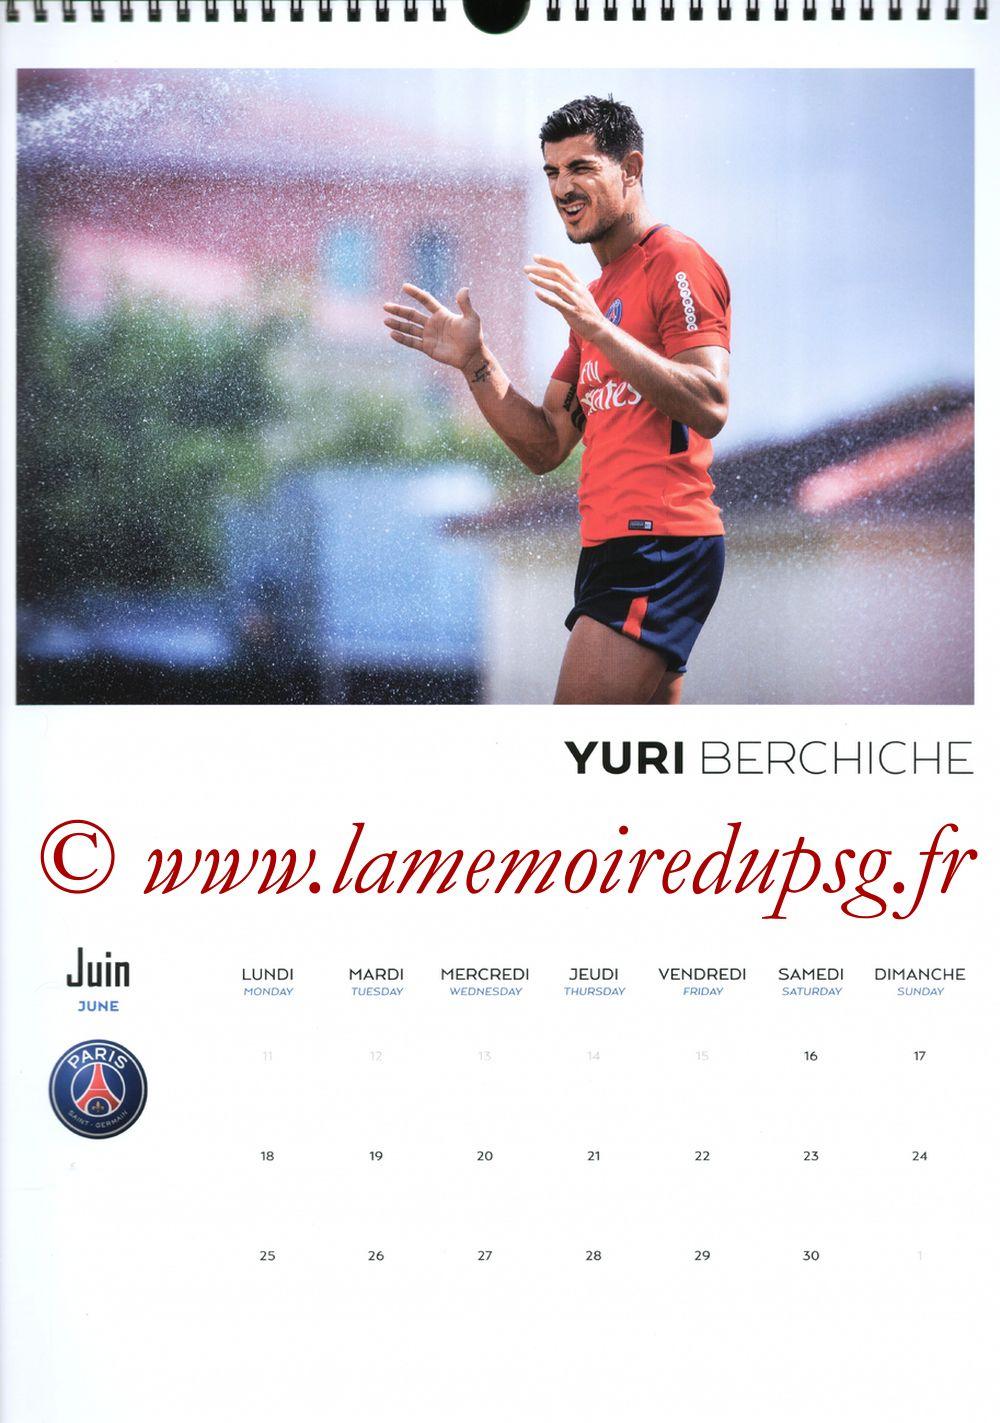 Calendrier PSG 2018 - Page 12 - Yuri BERCHICHE